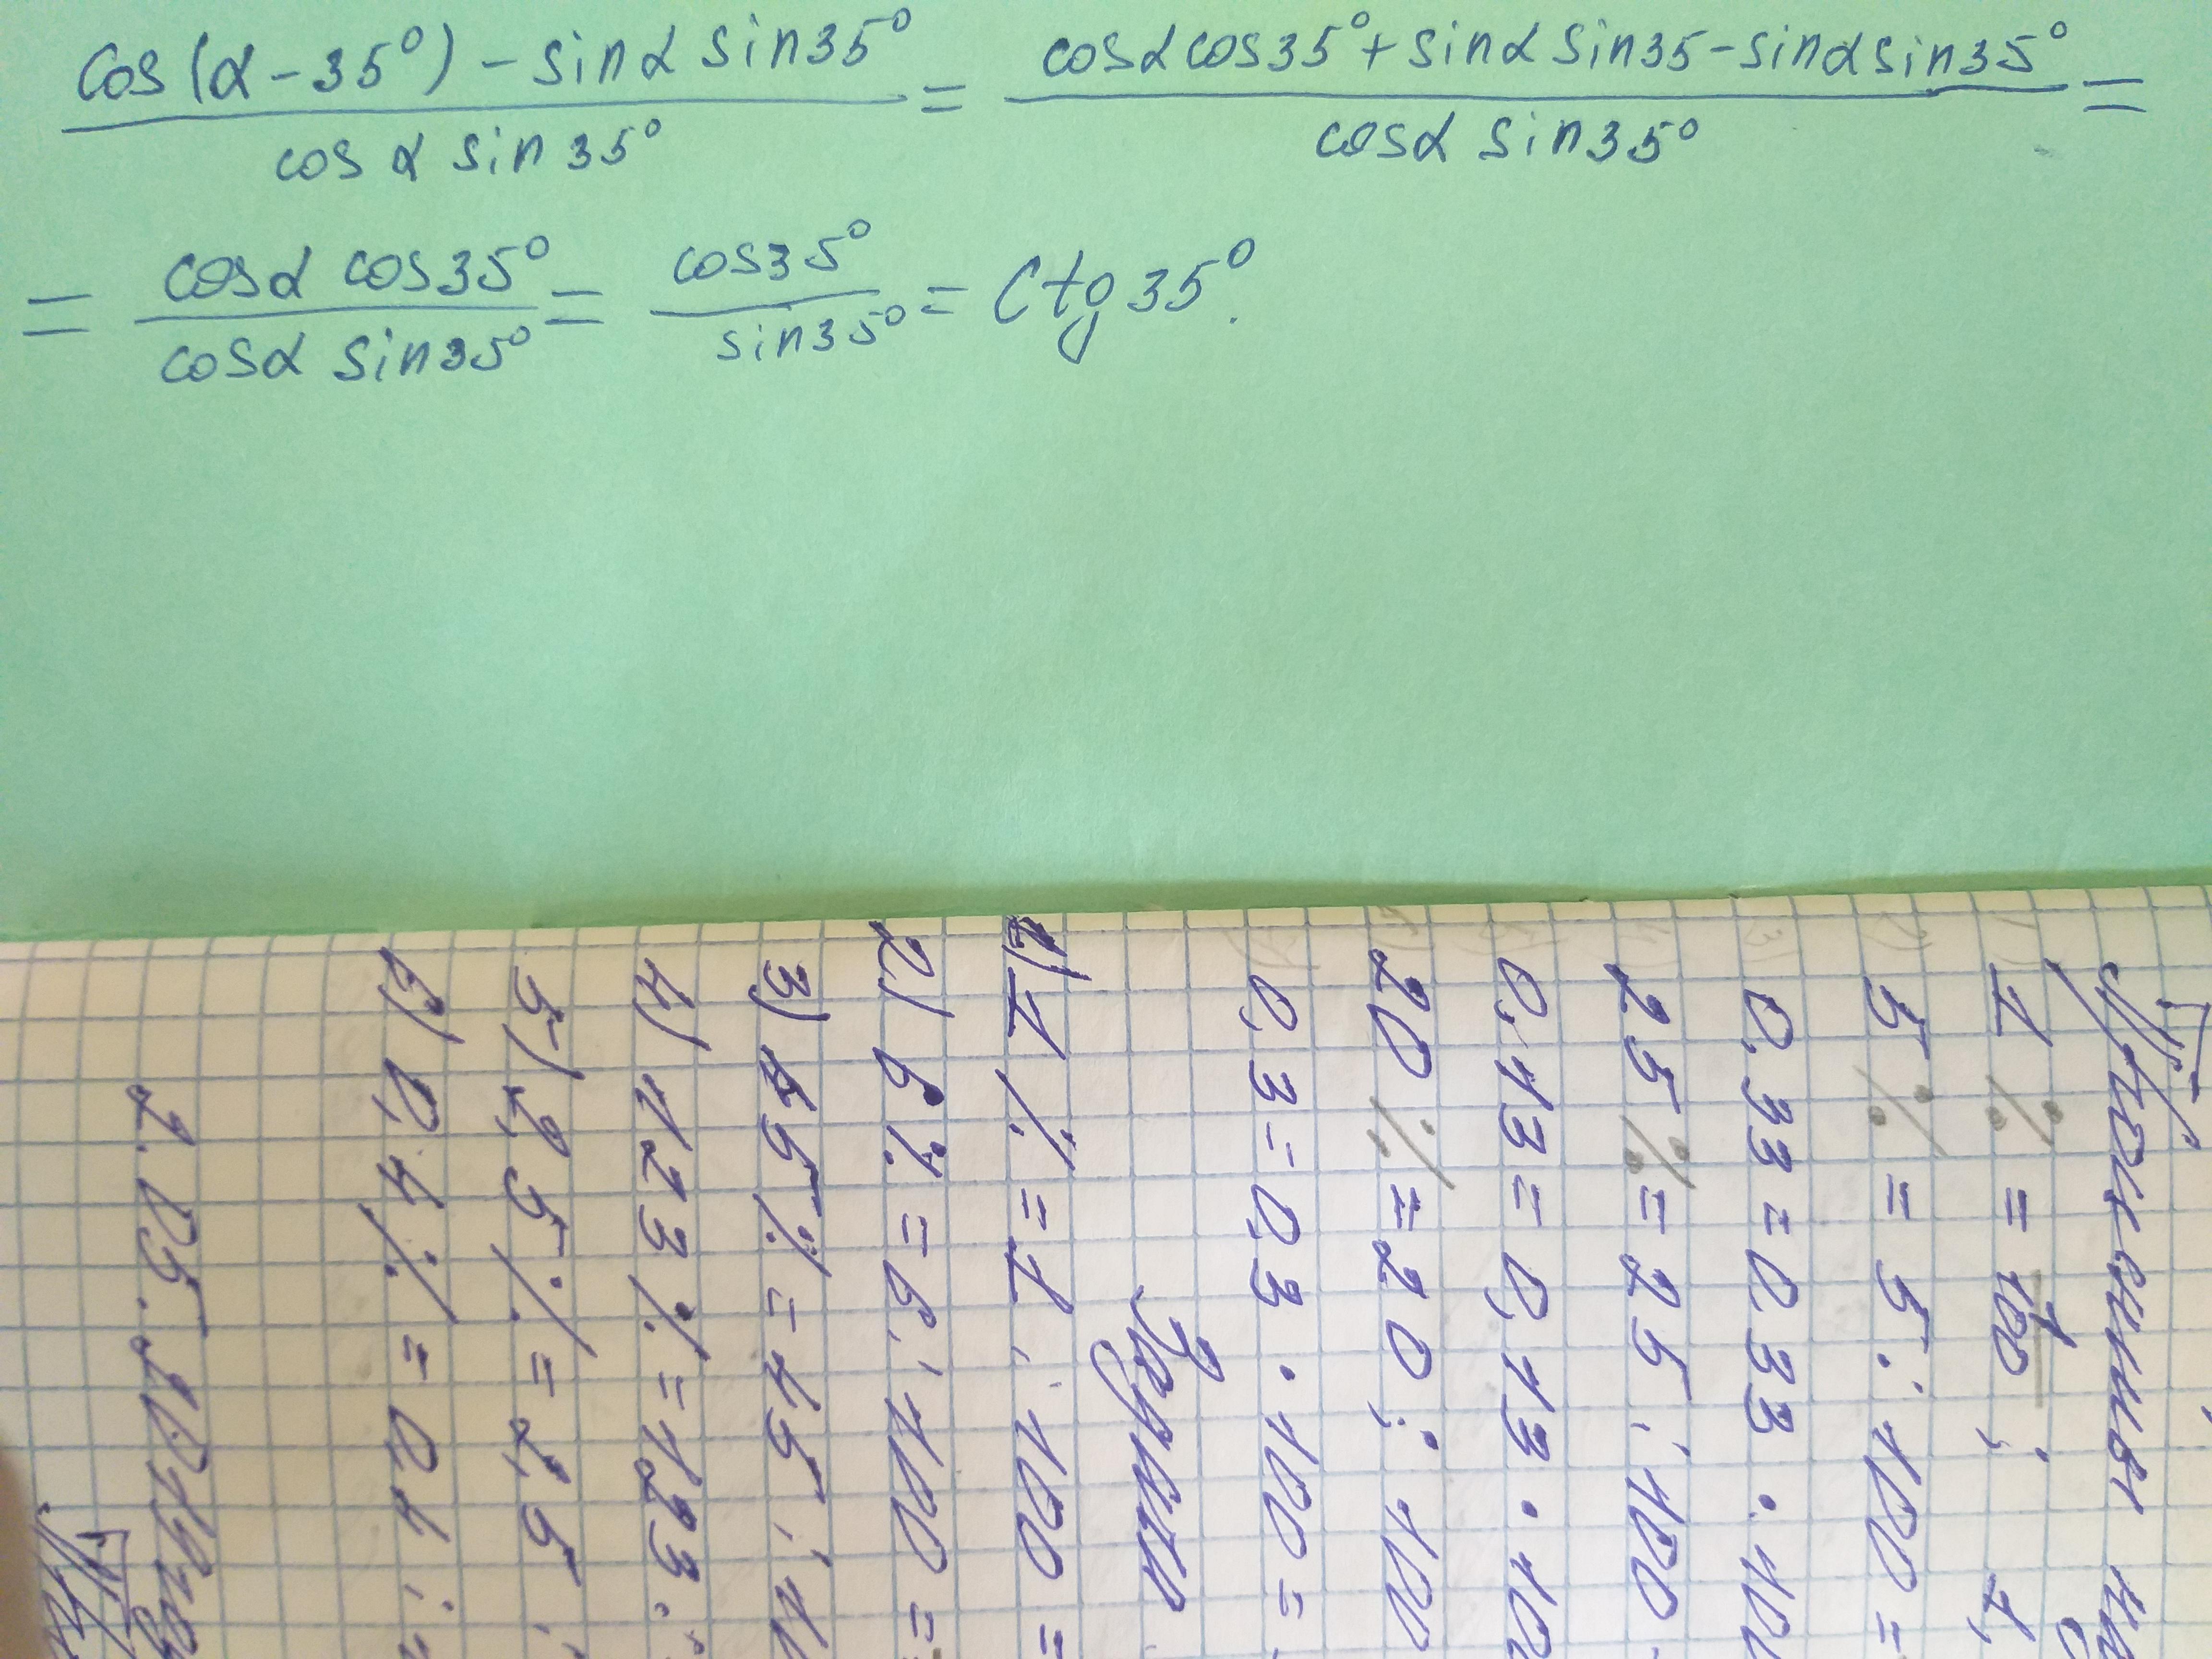 Cos(a-35°)-sinasin35°/cosasin35